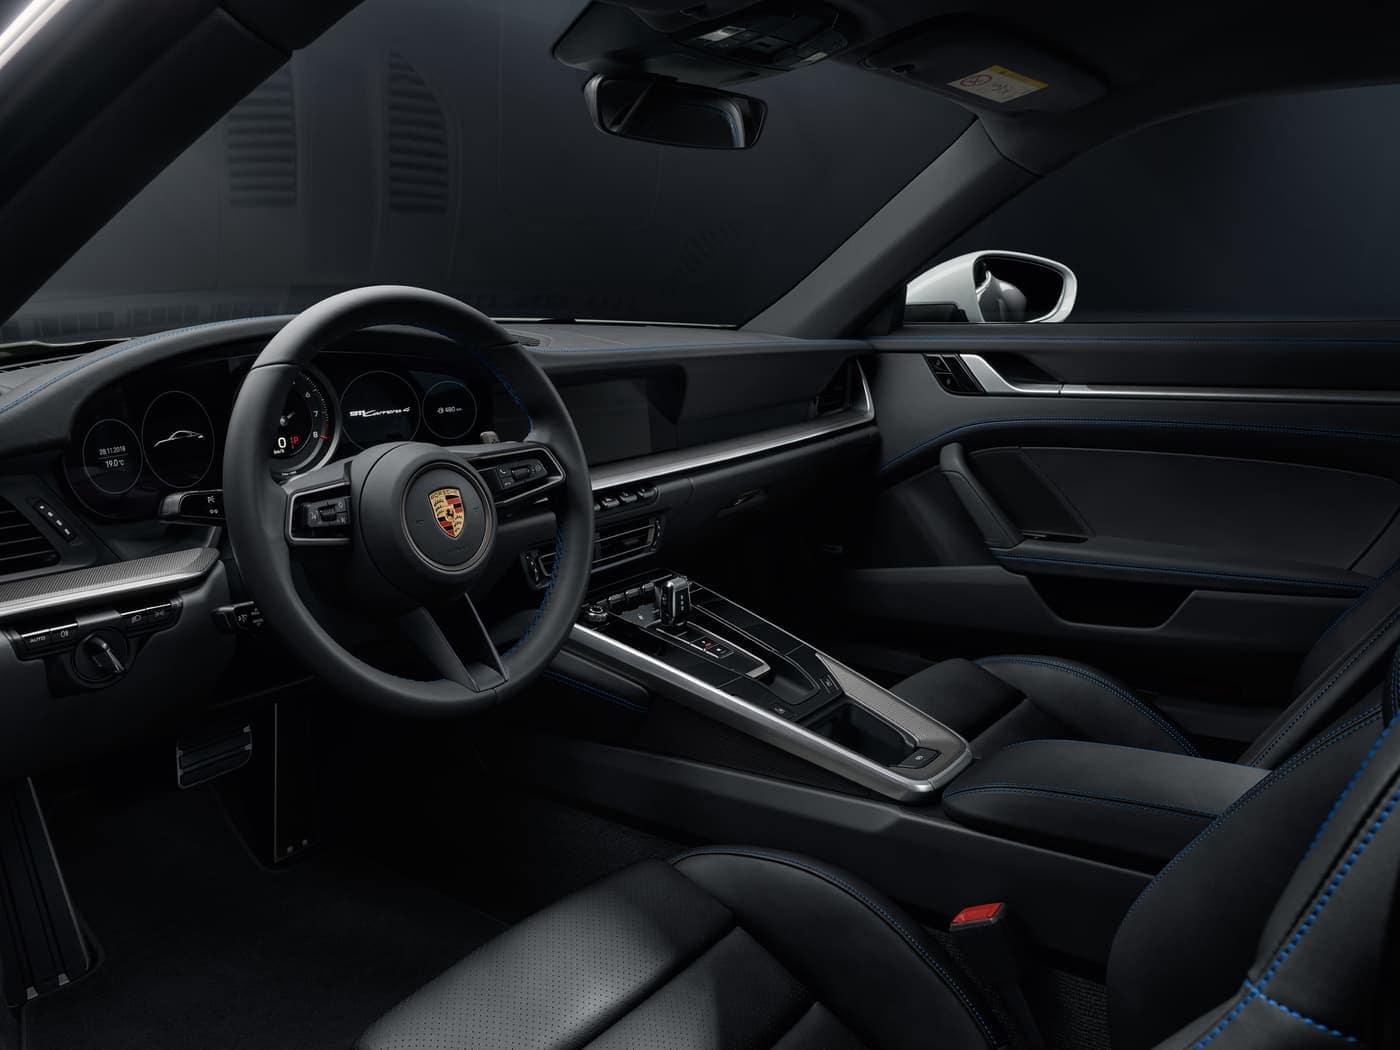 2020 Porsche 911 Interior Farmington Hills Fred Lavery Porsche Company